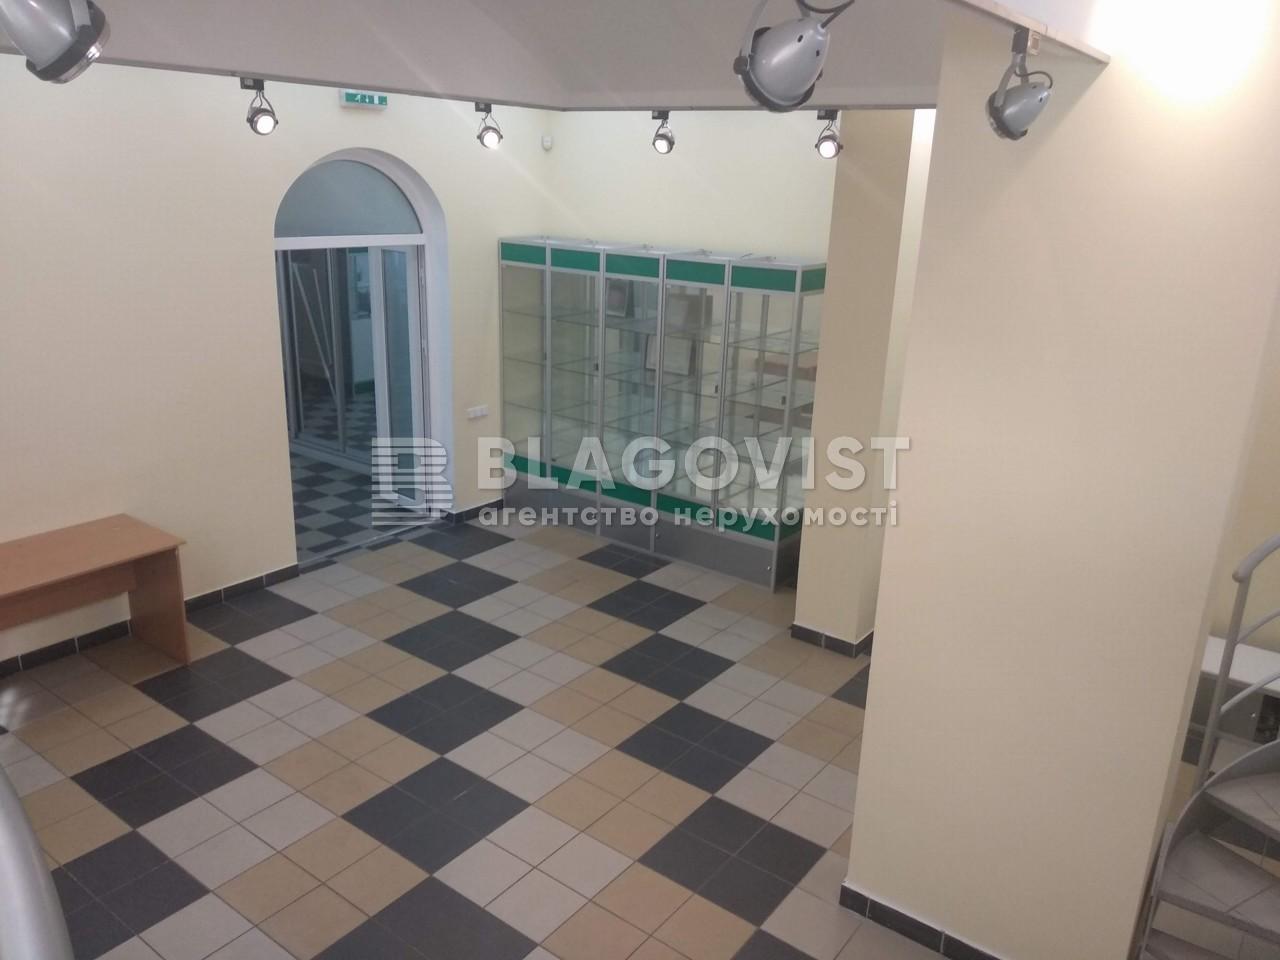 Офис, Никольско-Слободская, Киев, R-25595 - Фото 6